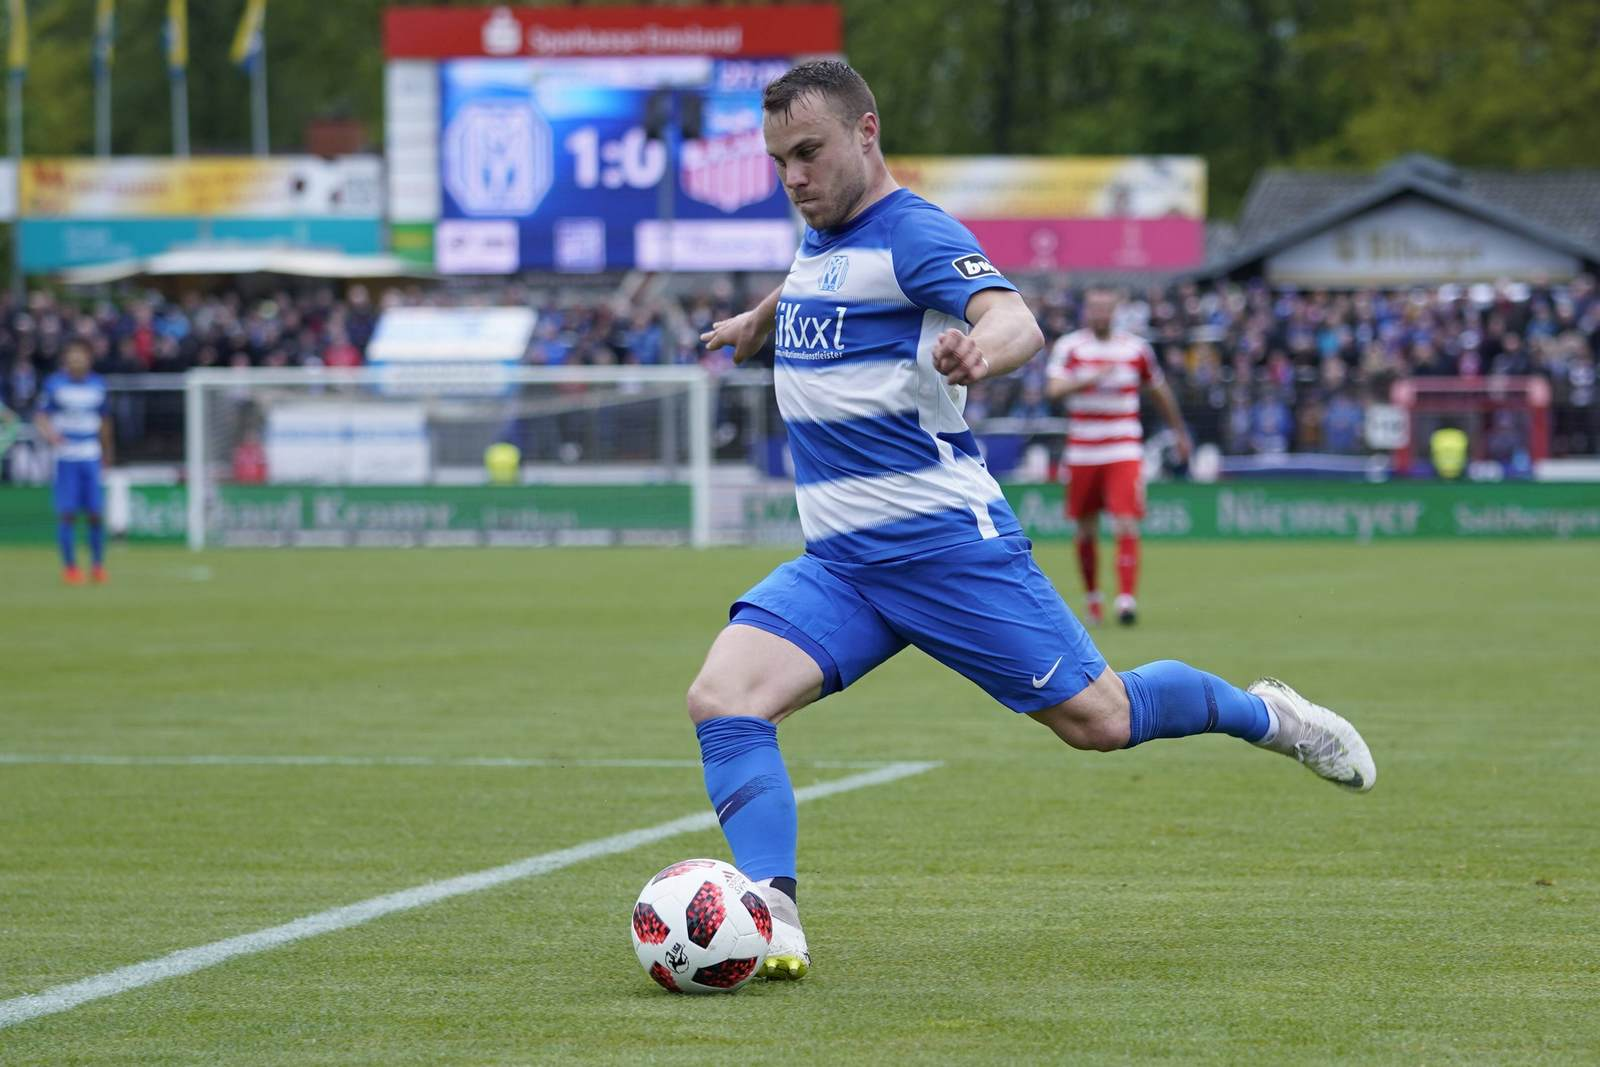 Nico Granatowski am Ball für den SV Meppen